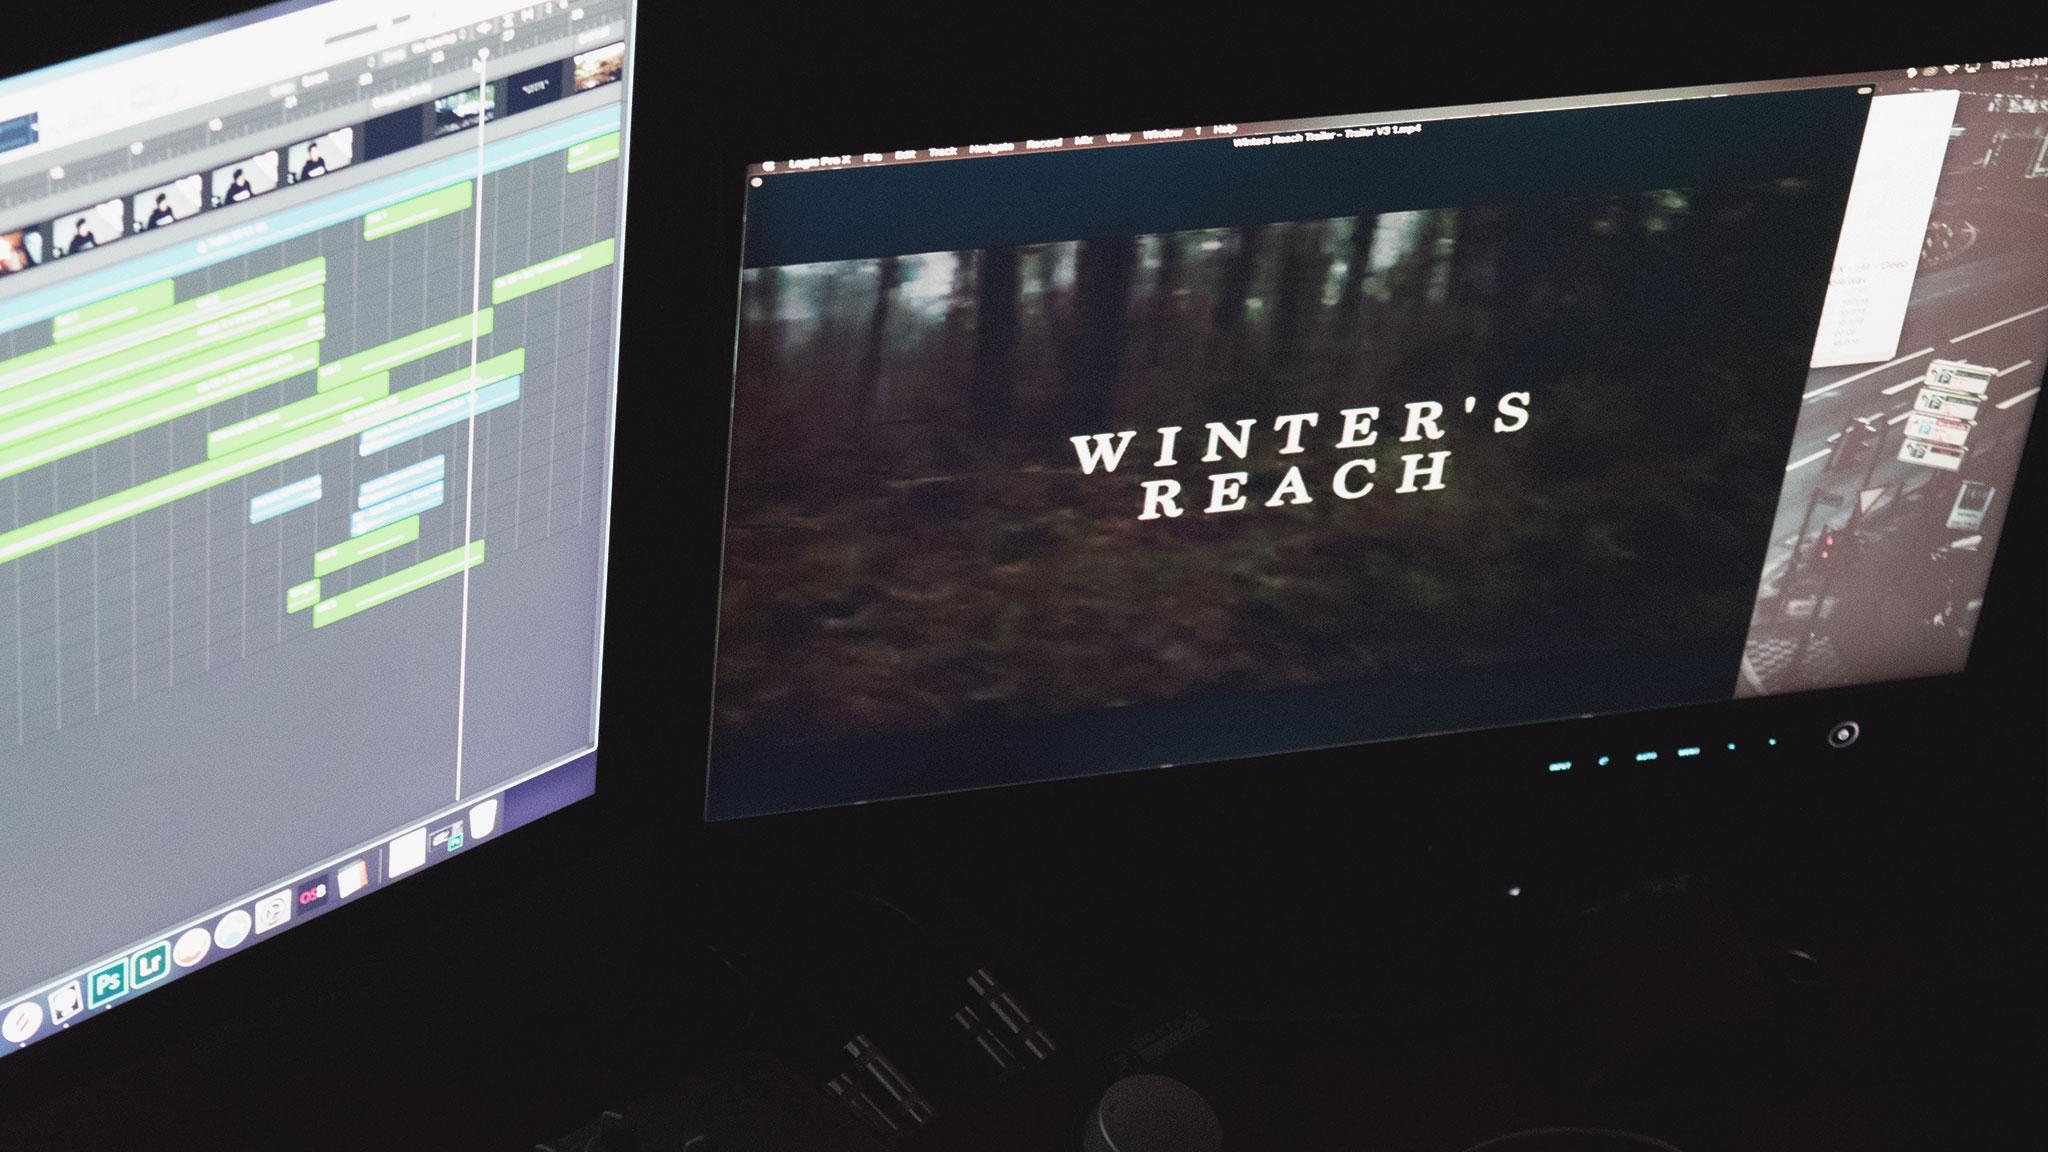 winters-reach-image.jpg